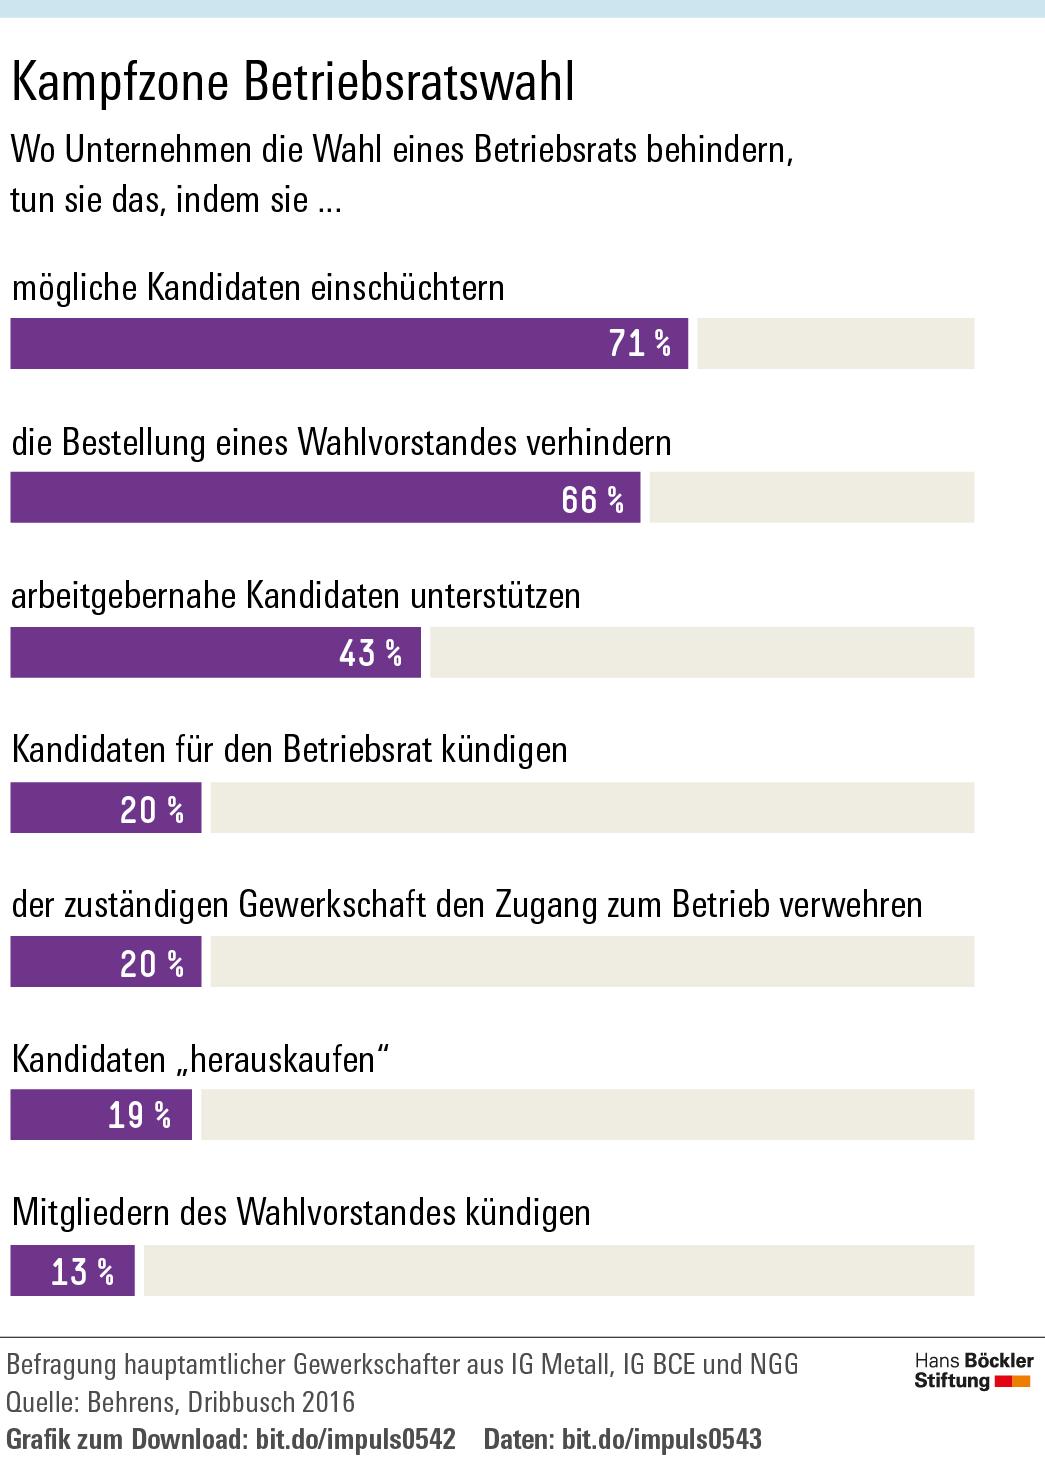 Grafik über mögliche Formen, die Wahl eines Betribesrats zu behindern. An der Spitze liegt die Einschüchterung von möglichen Kandidaten.